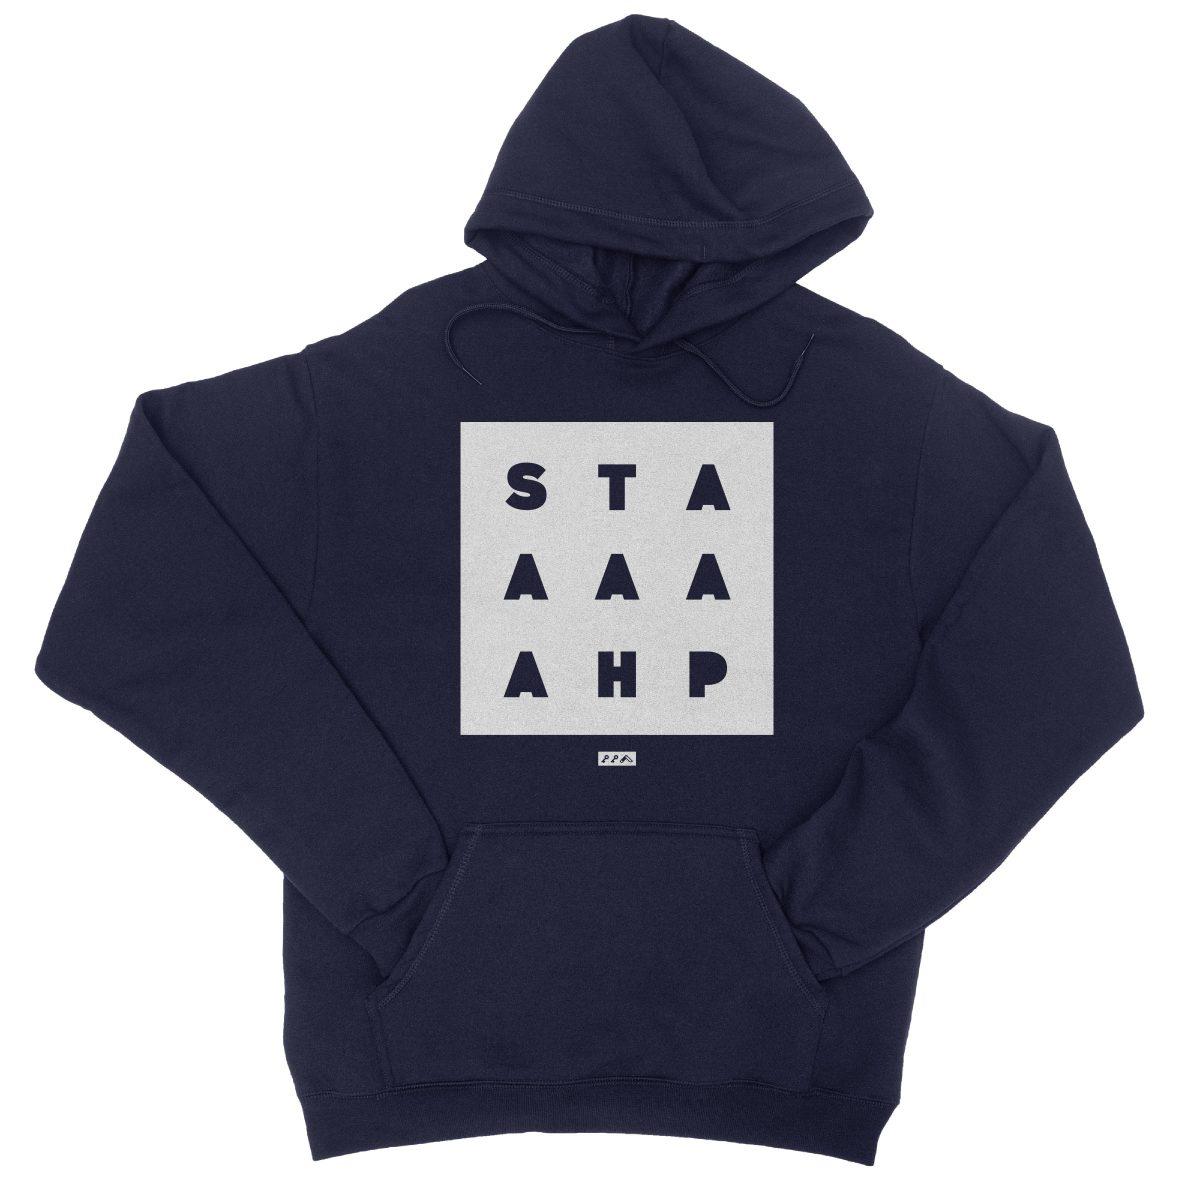 """""""STAAAAAHP"""" funny philly slang hoodie sweatshirt in navy"""